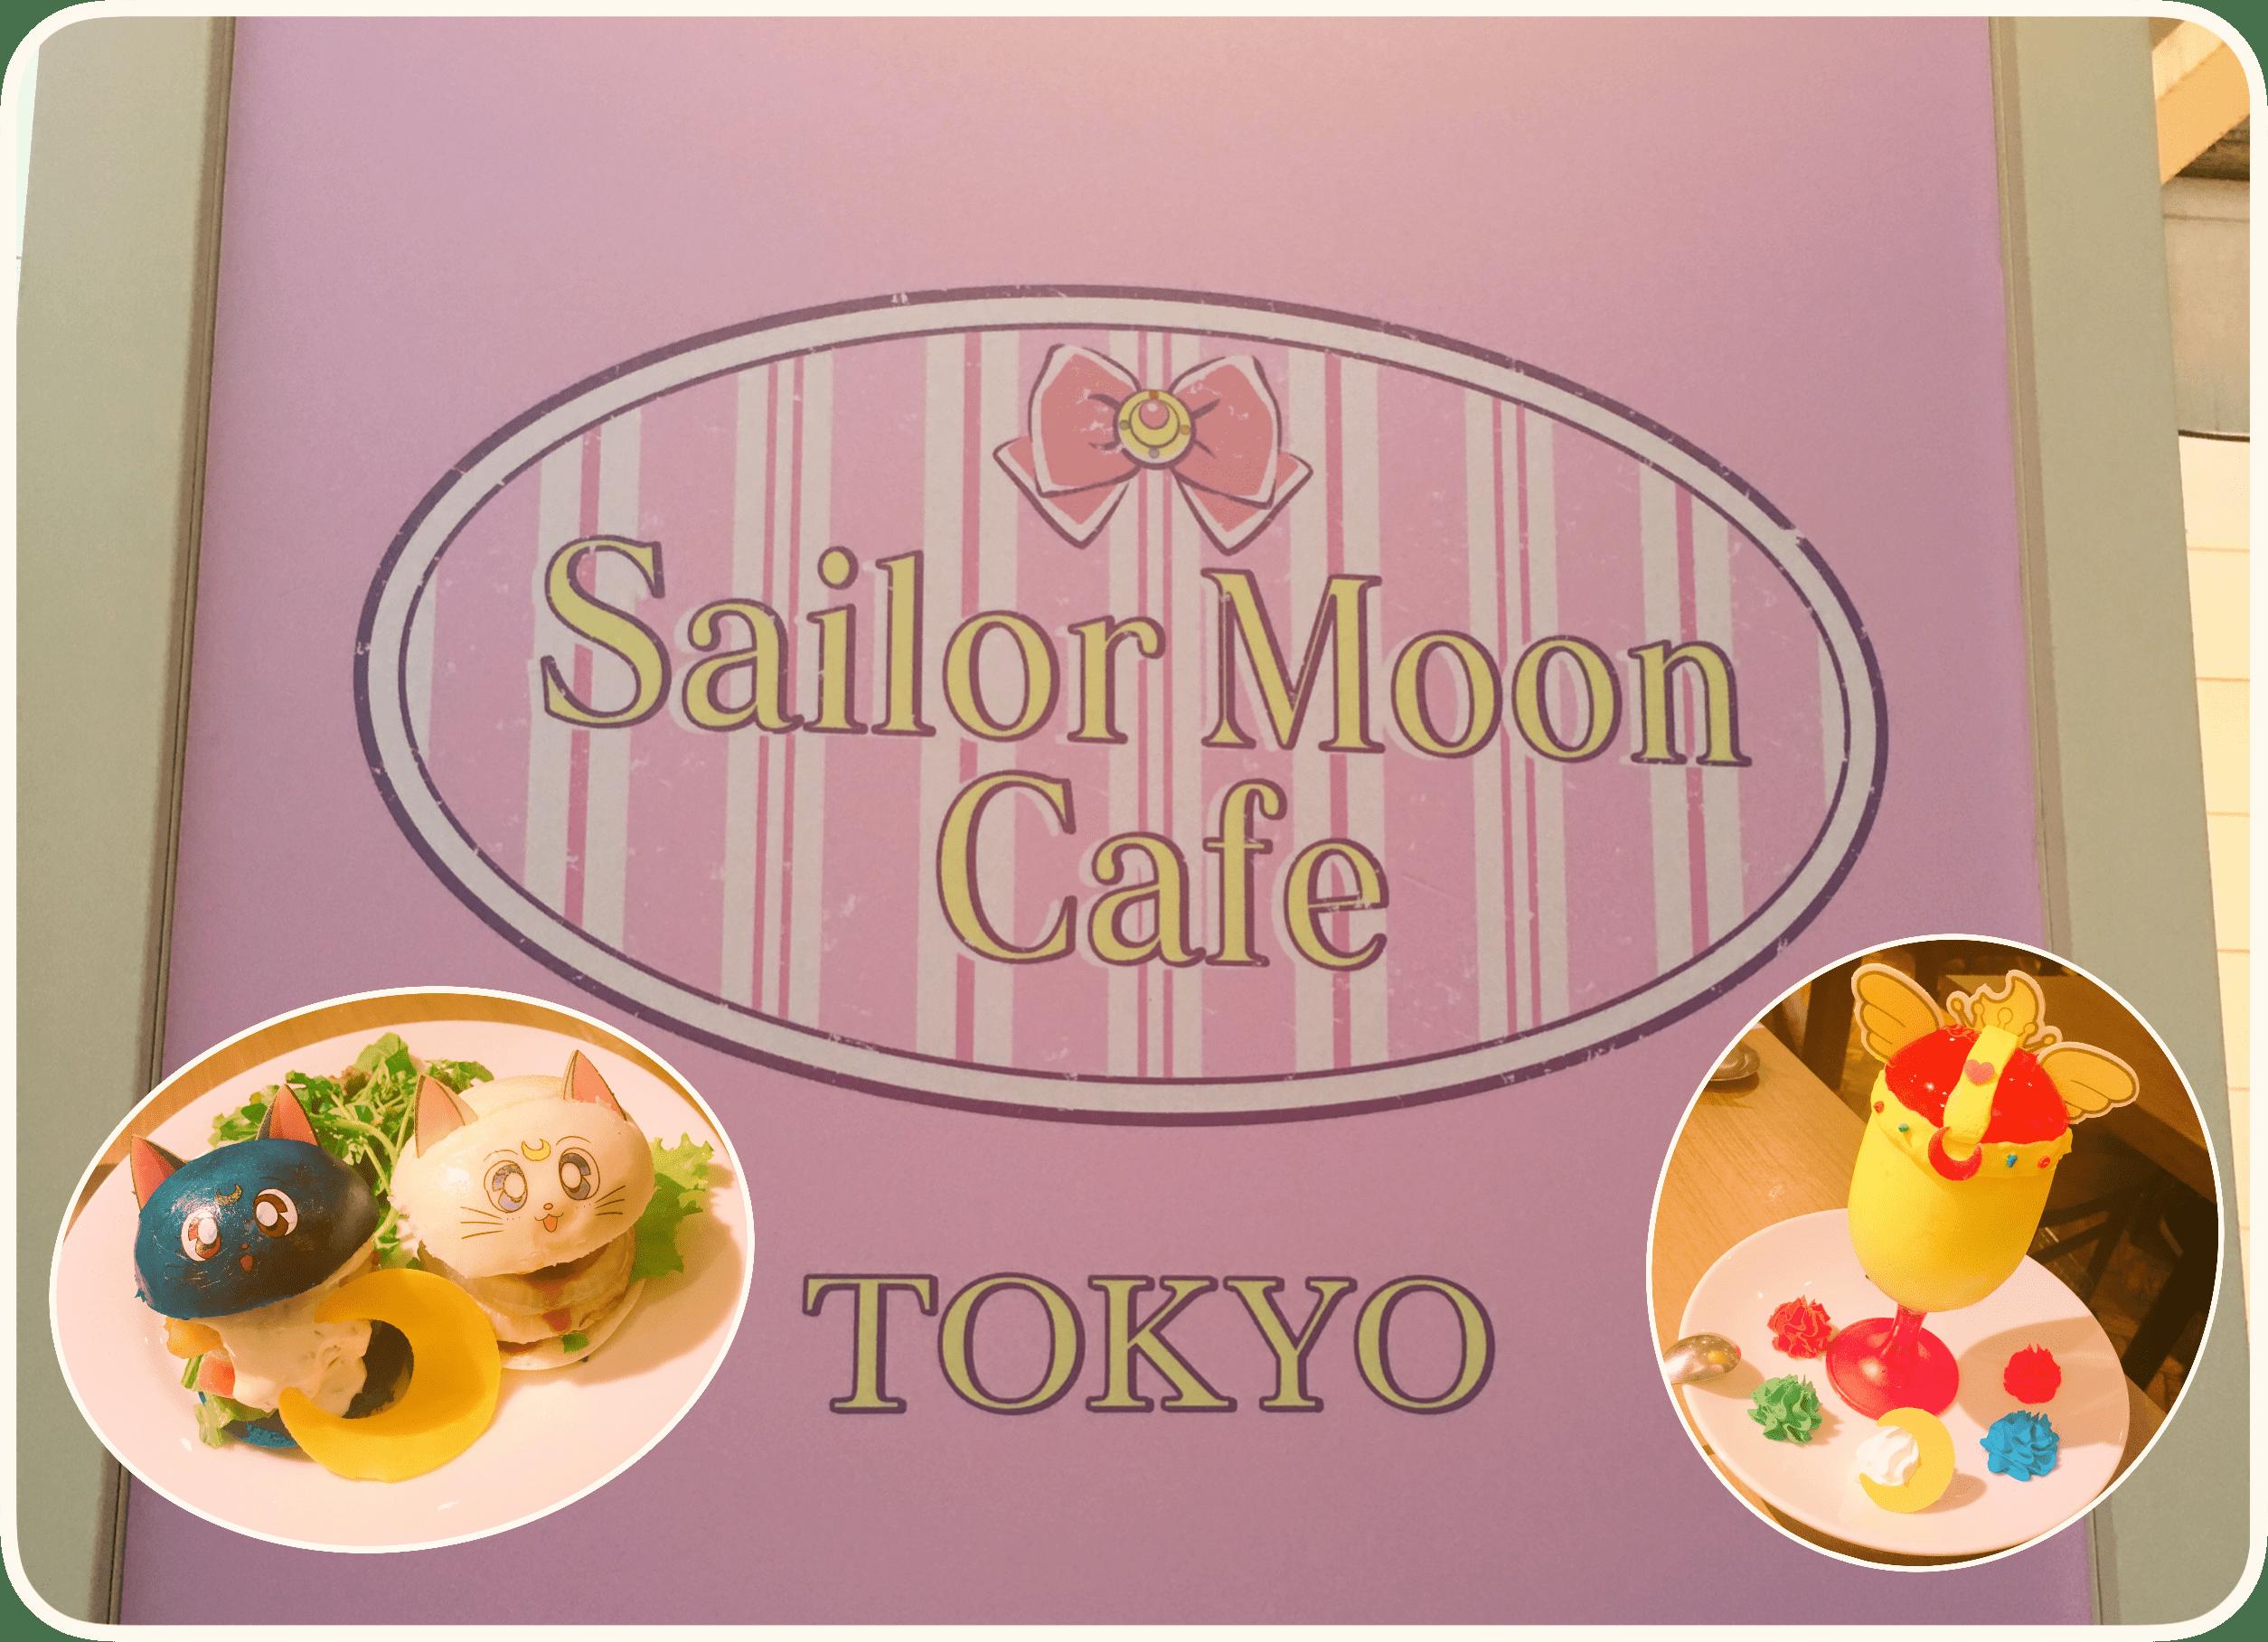 美少女战士东京期间限定咖啡厅